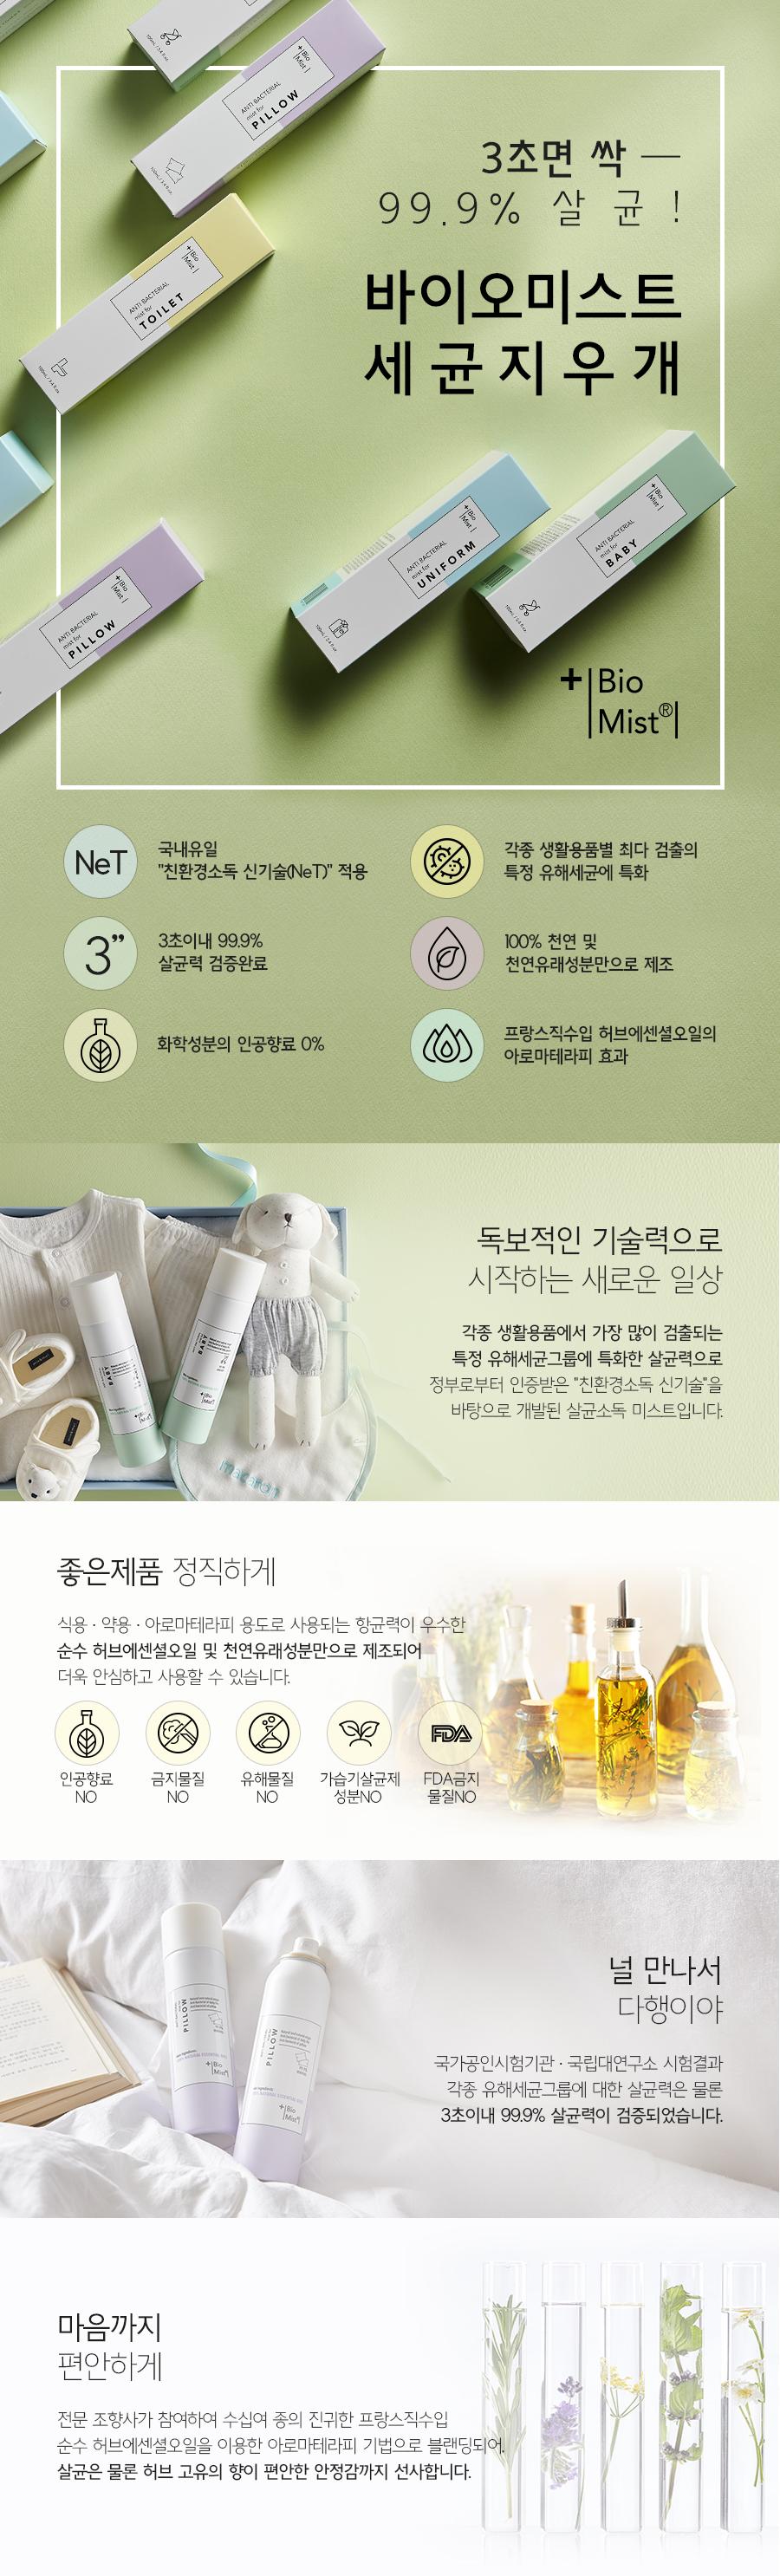 세균지우개 베이비 아기용품 살균 소독 미스트 100ml - 바이오미스트, 24,500원, 생활잡화, 생활소모품